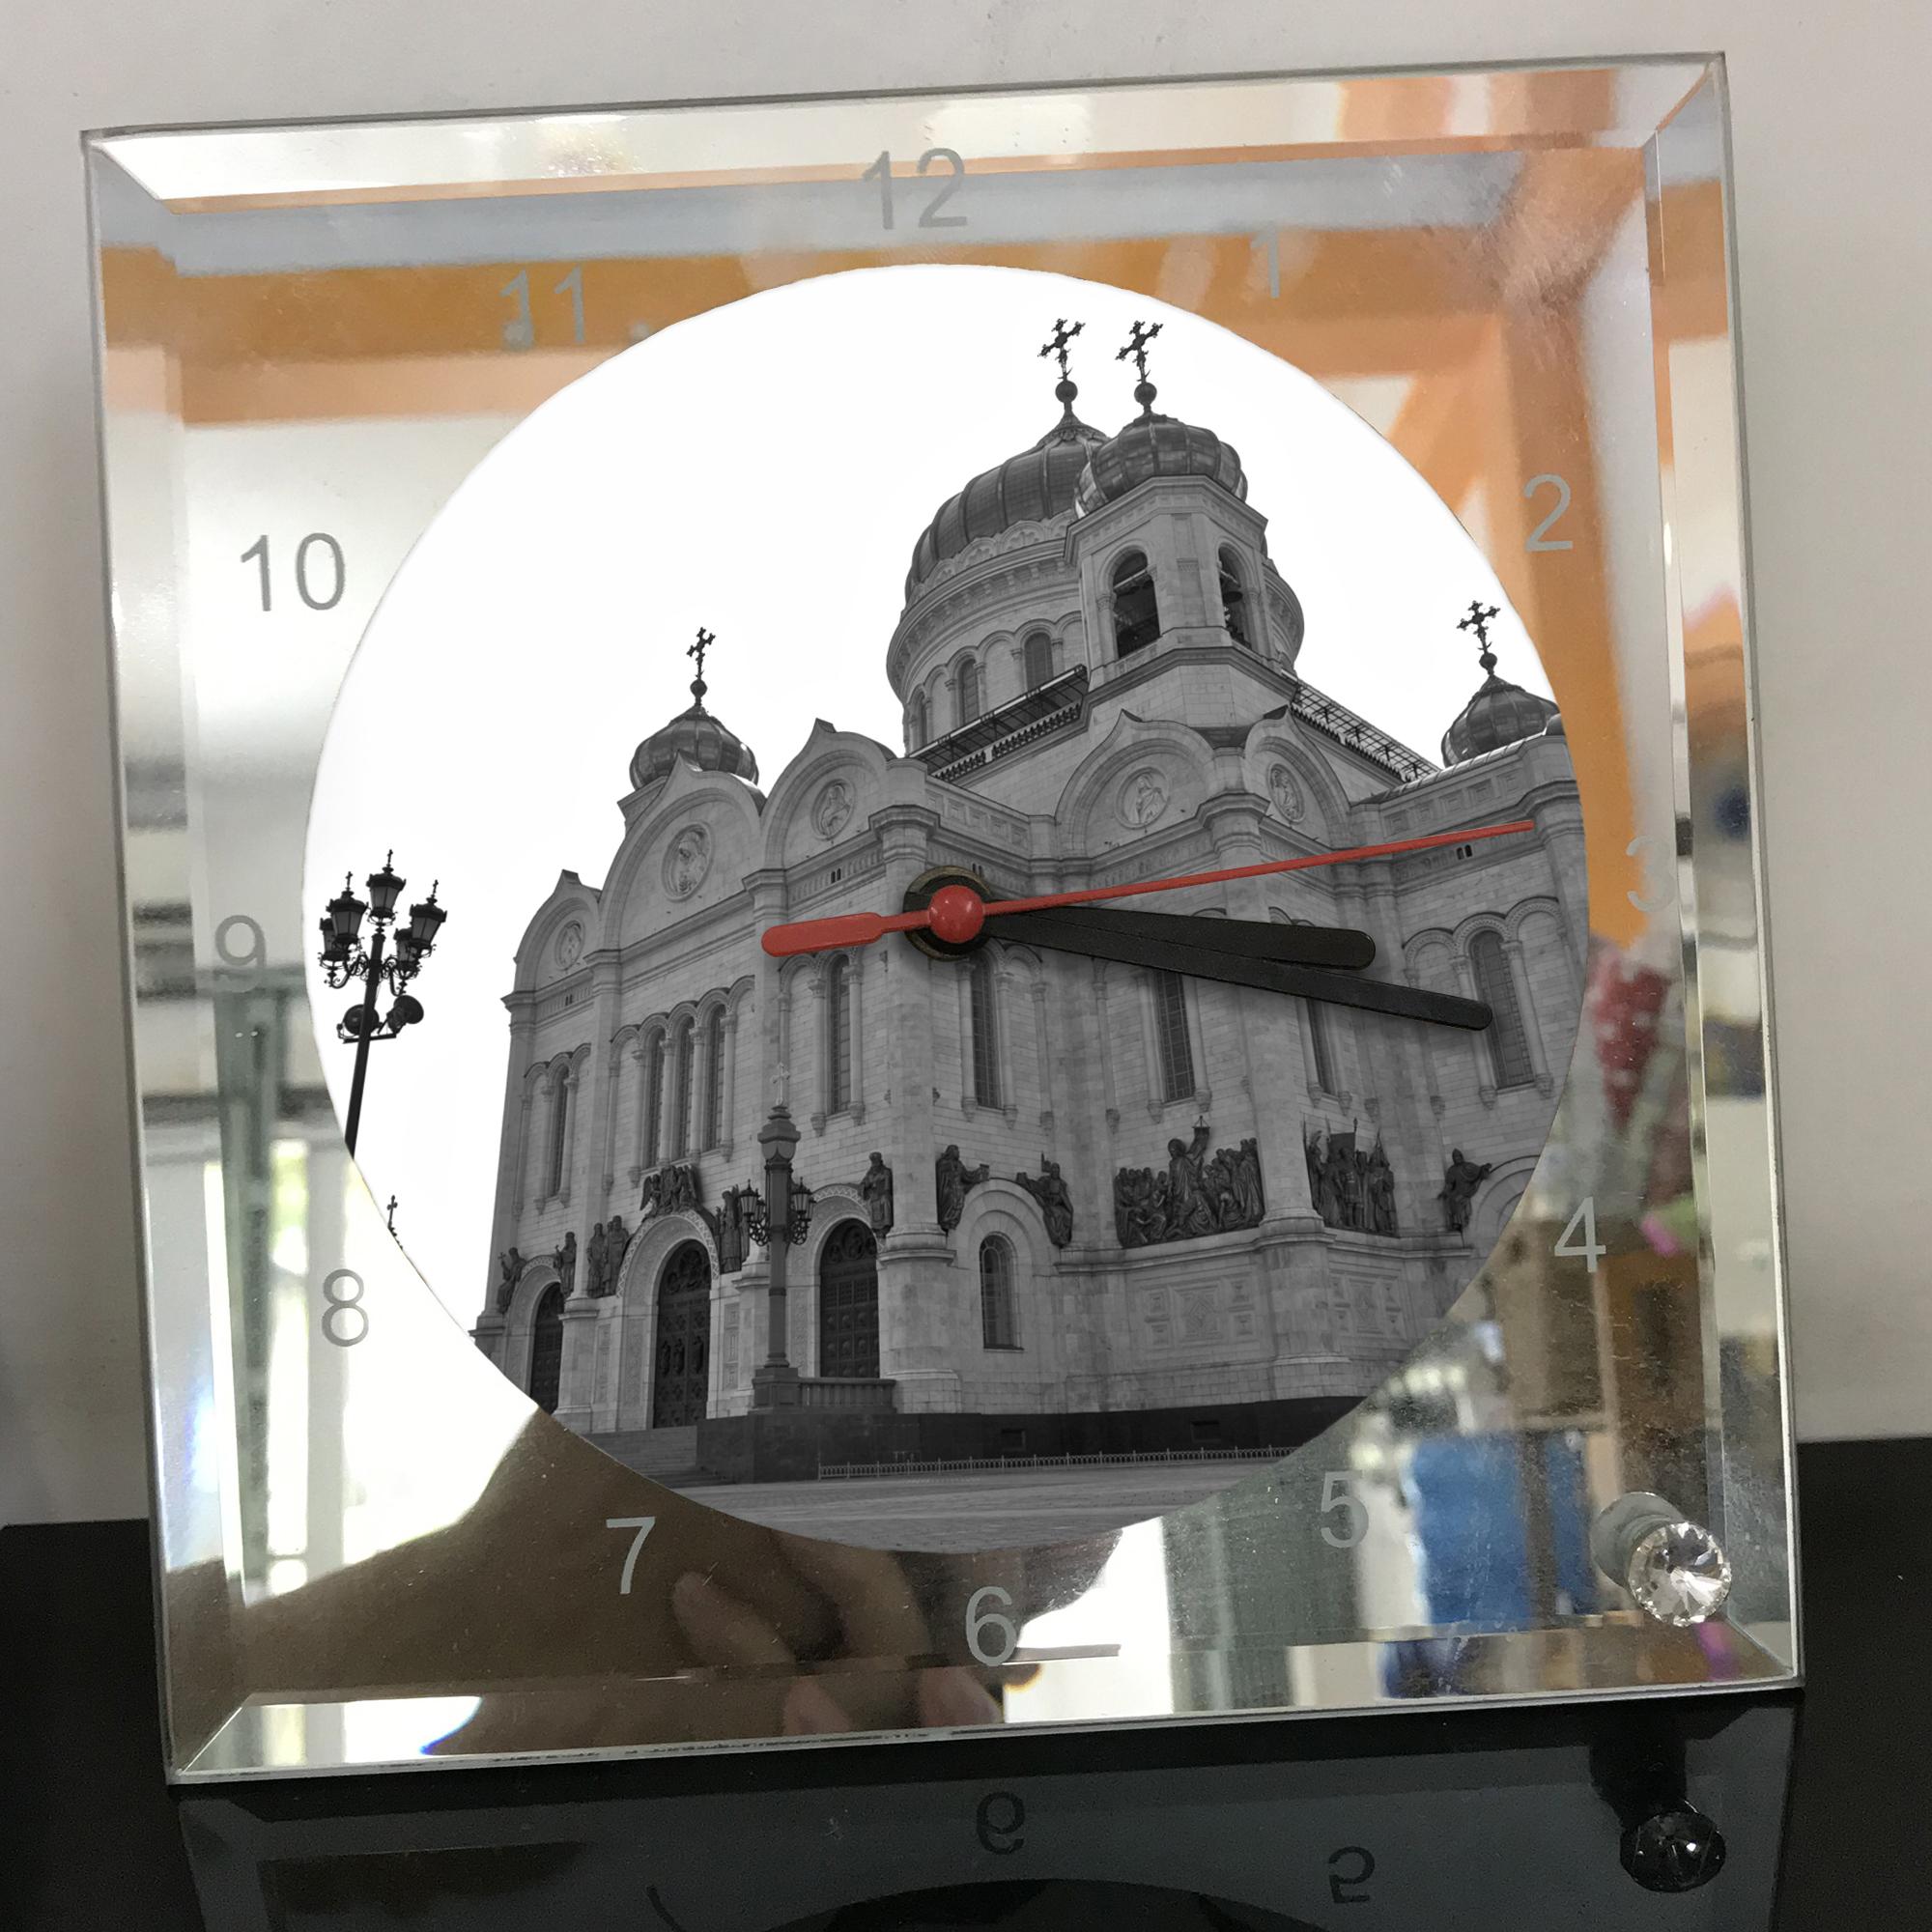 Đồng hồ thủy tinh vuông 20x20 in hình Cathedral Of Christ the saviour (12) . Đồng hồ thủy tinh để bàn trang trí đẹp chủ đề tôn giáo